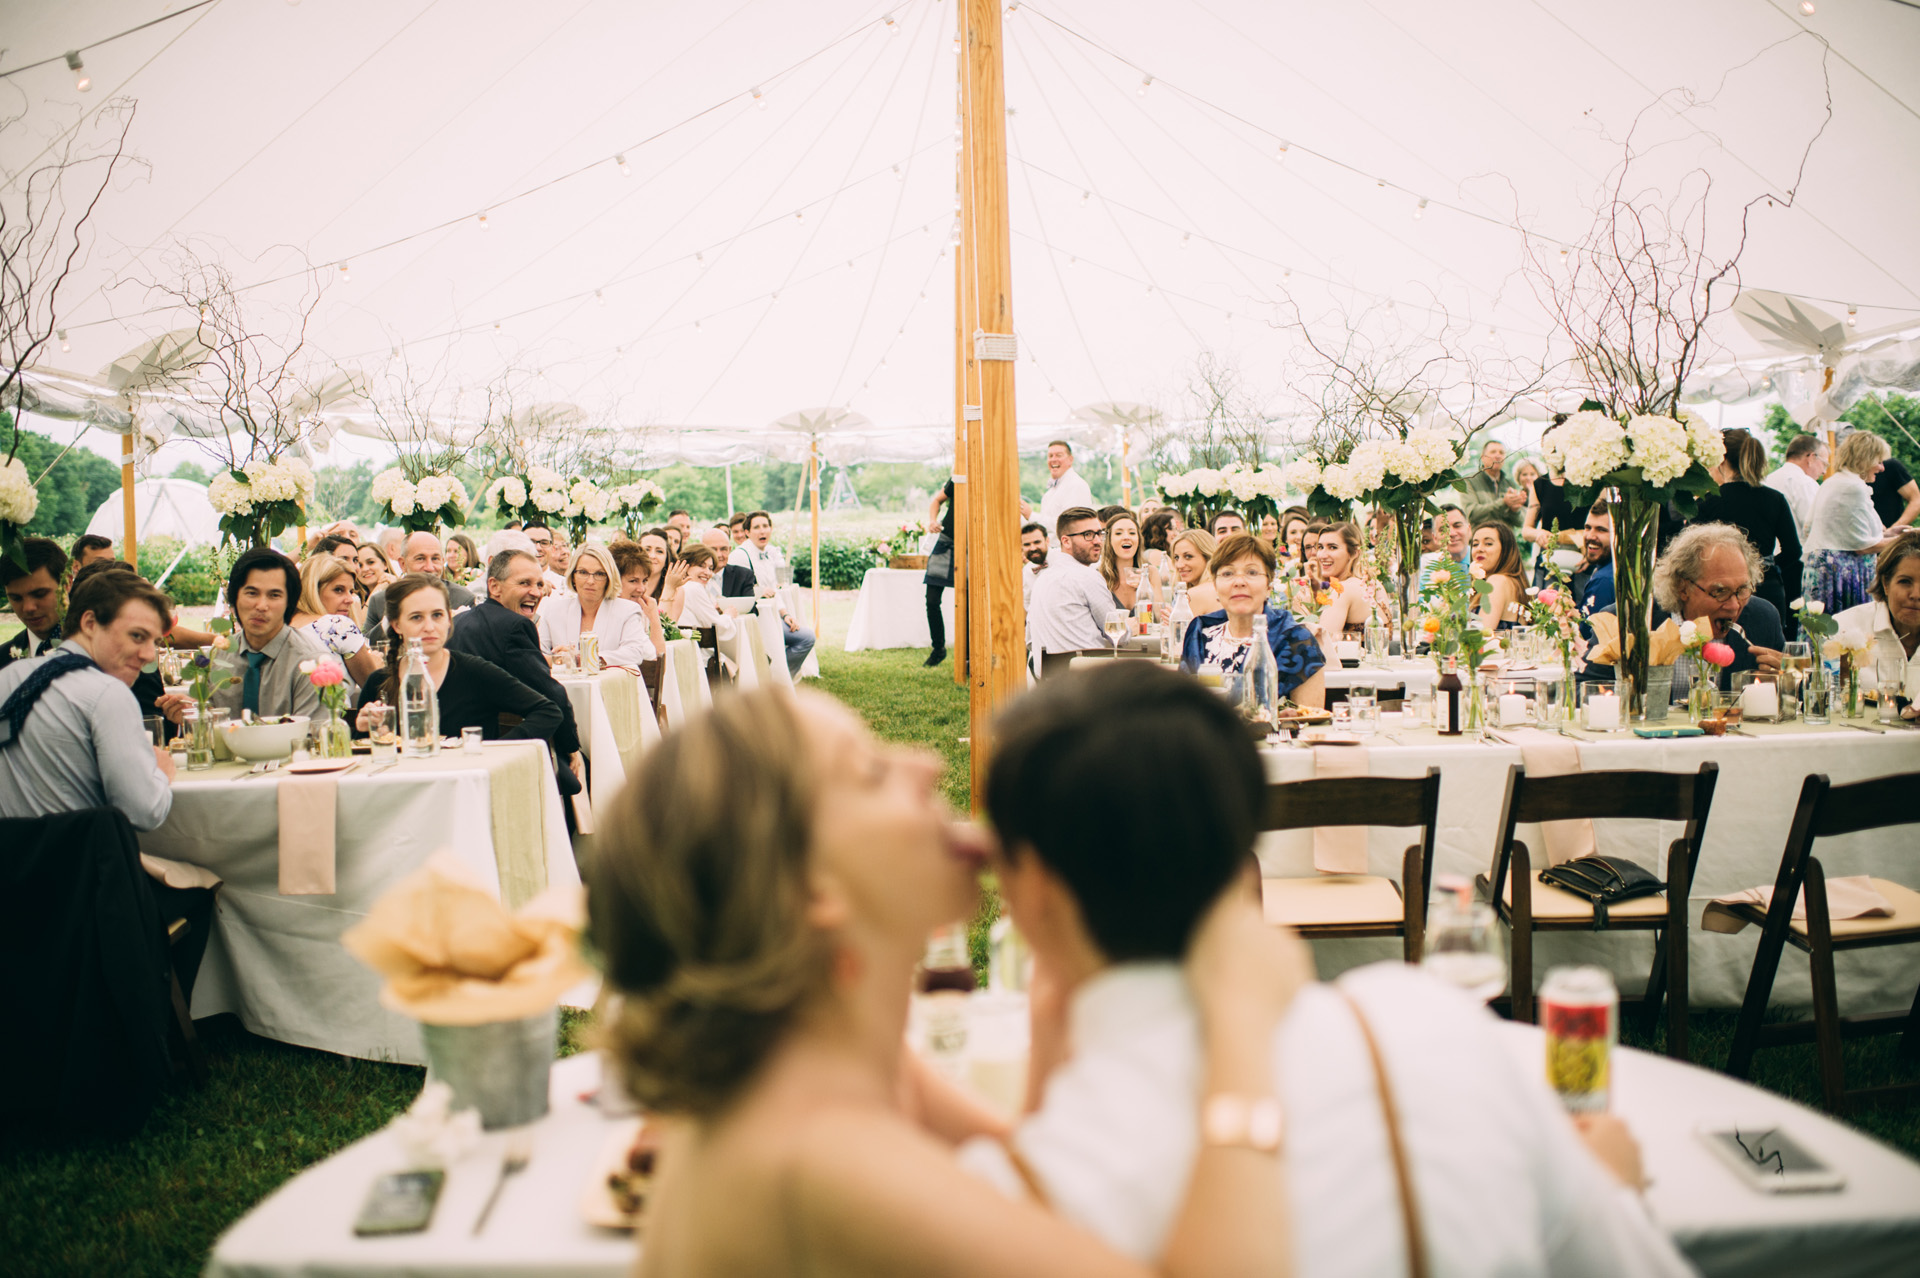 broadturn-farm-wedding-90